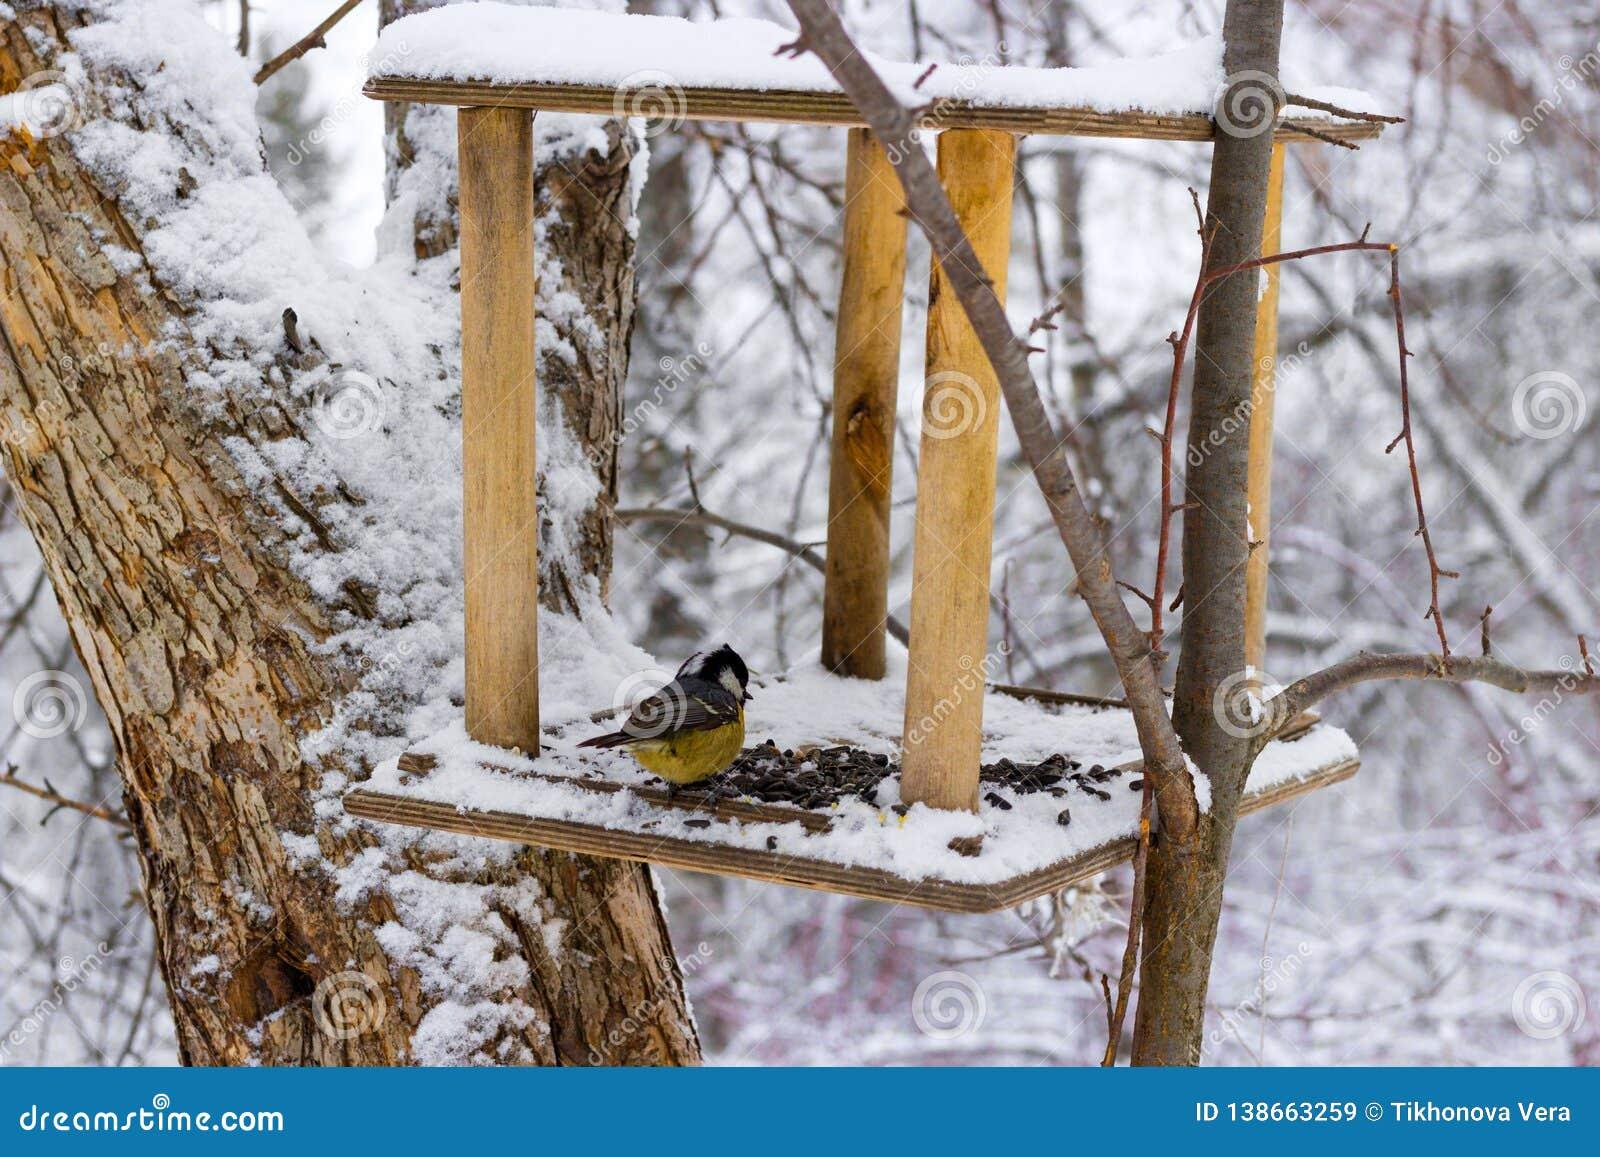 Kohlmeise Parusmajor im schneebedeckten Wald